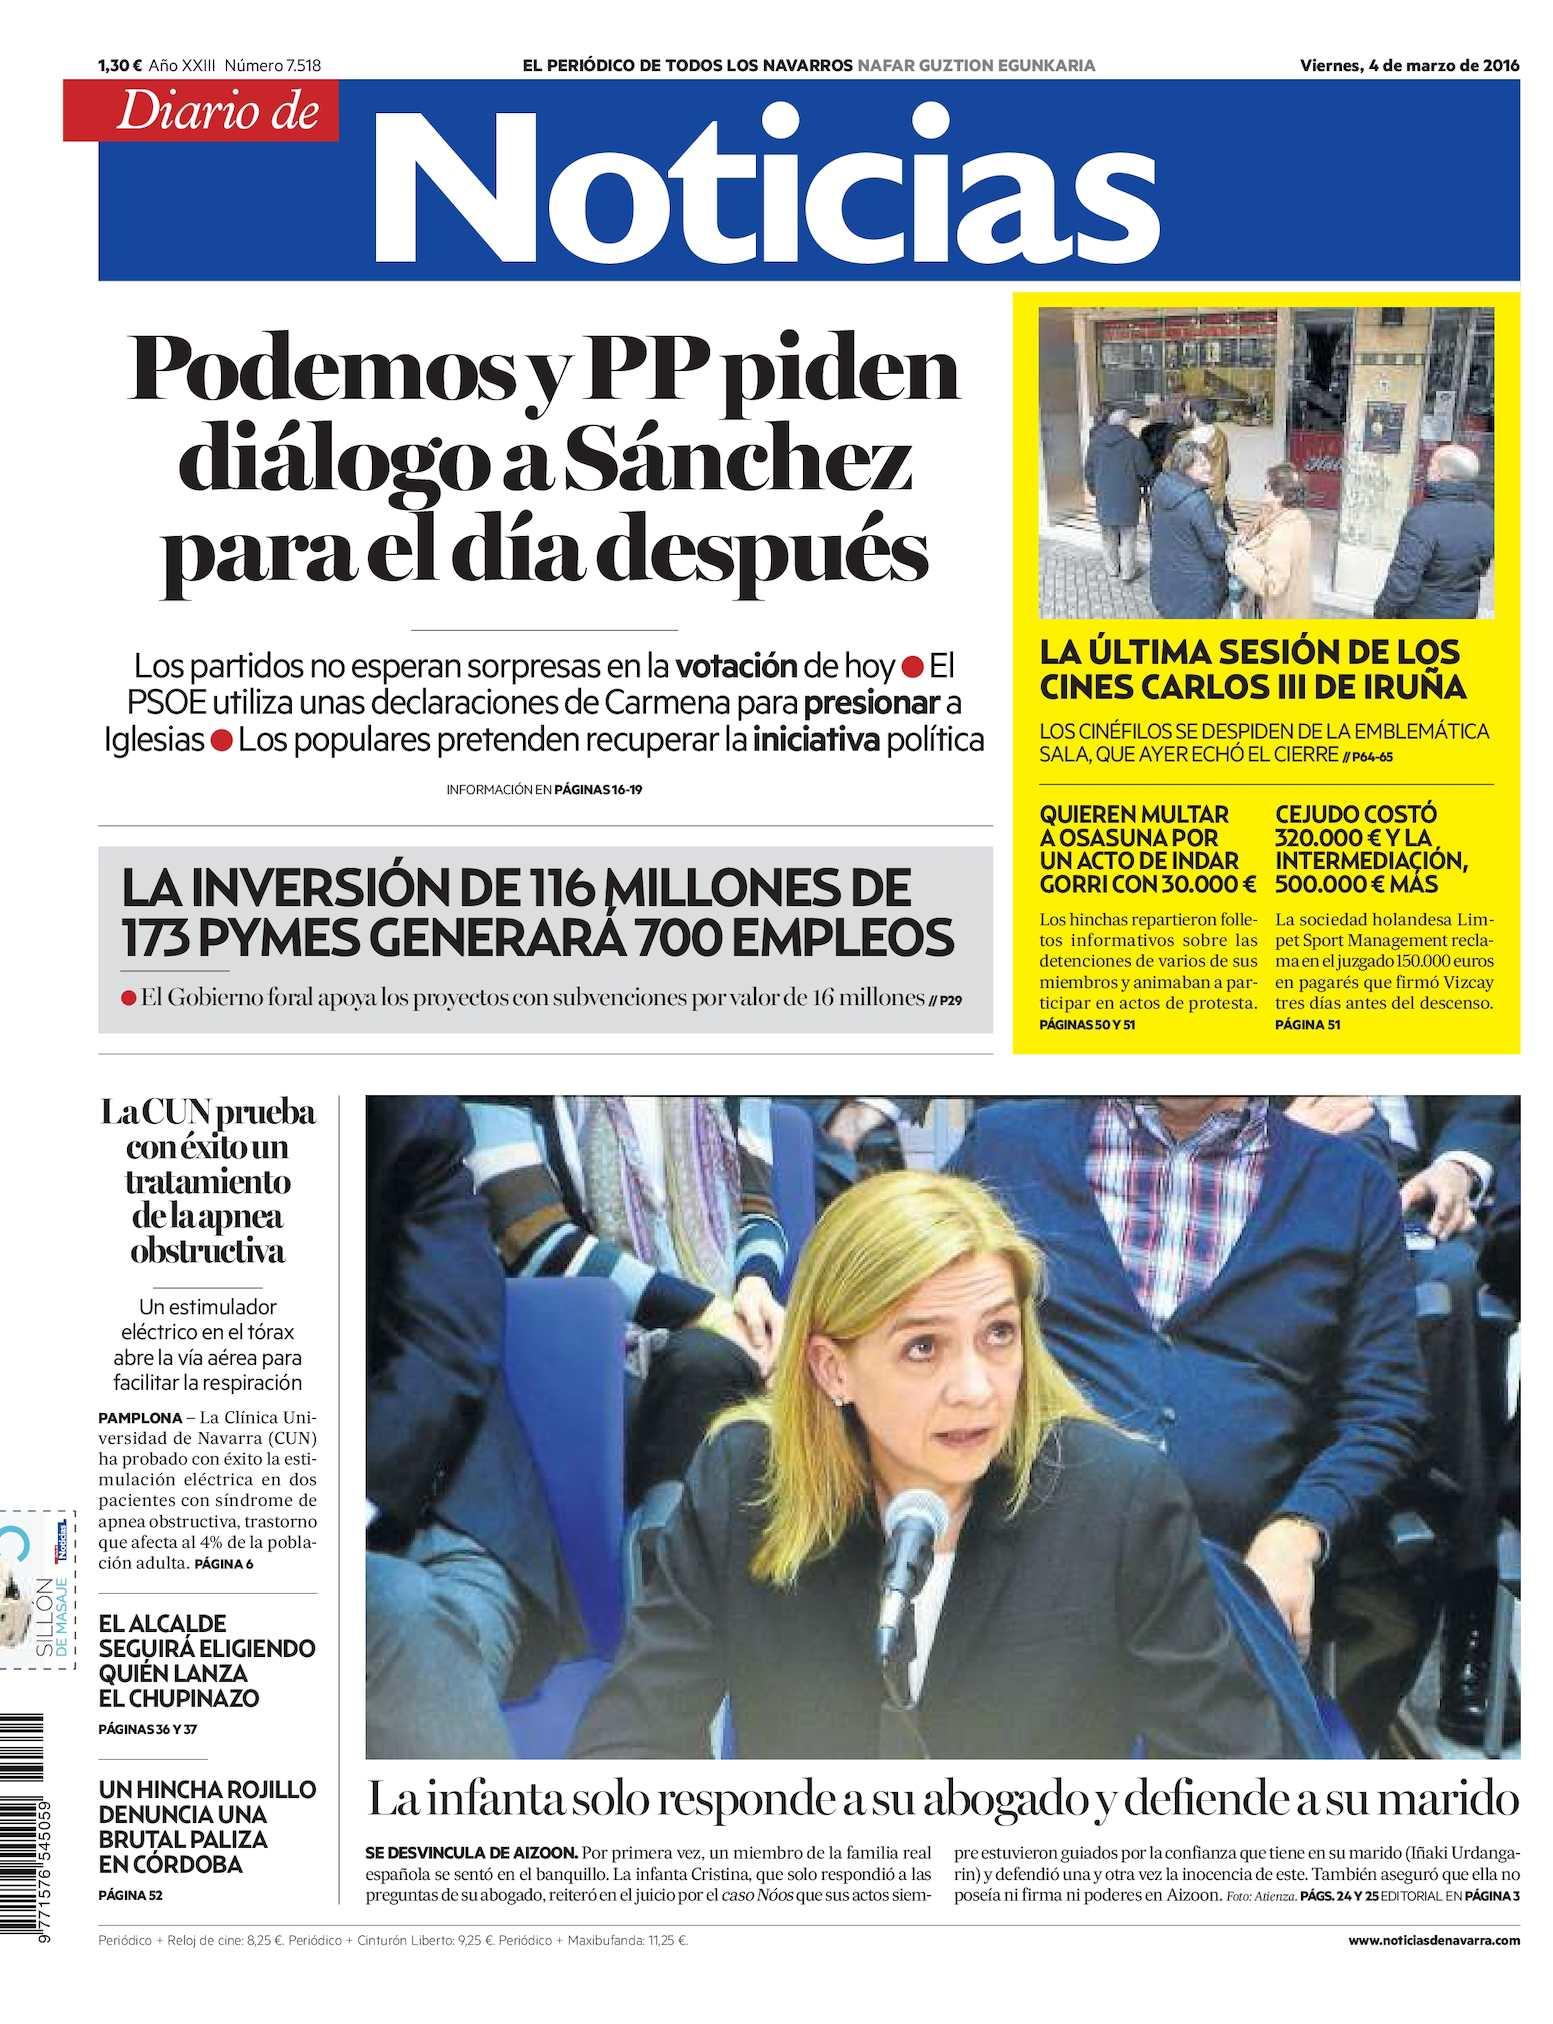 Calaméo - Diario de Noticias 20160304 52f9a2248d64